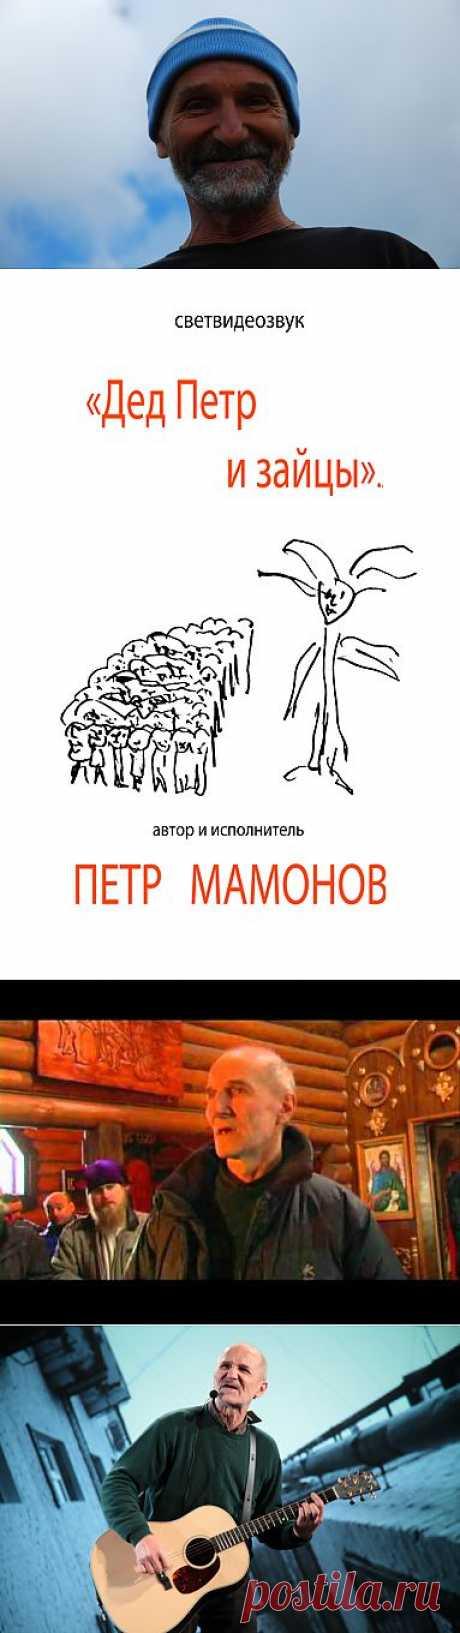 Главная | ПЕТР МАМОНОВ